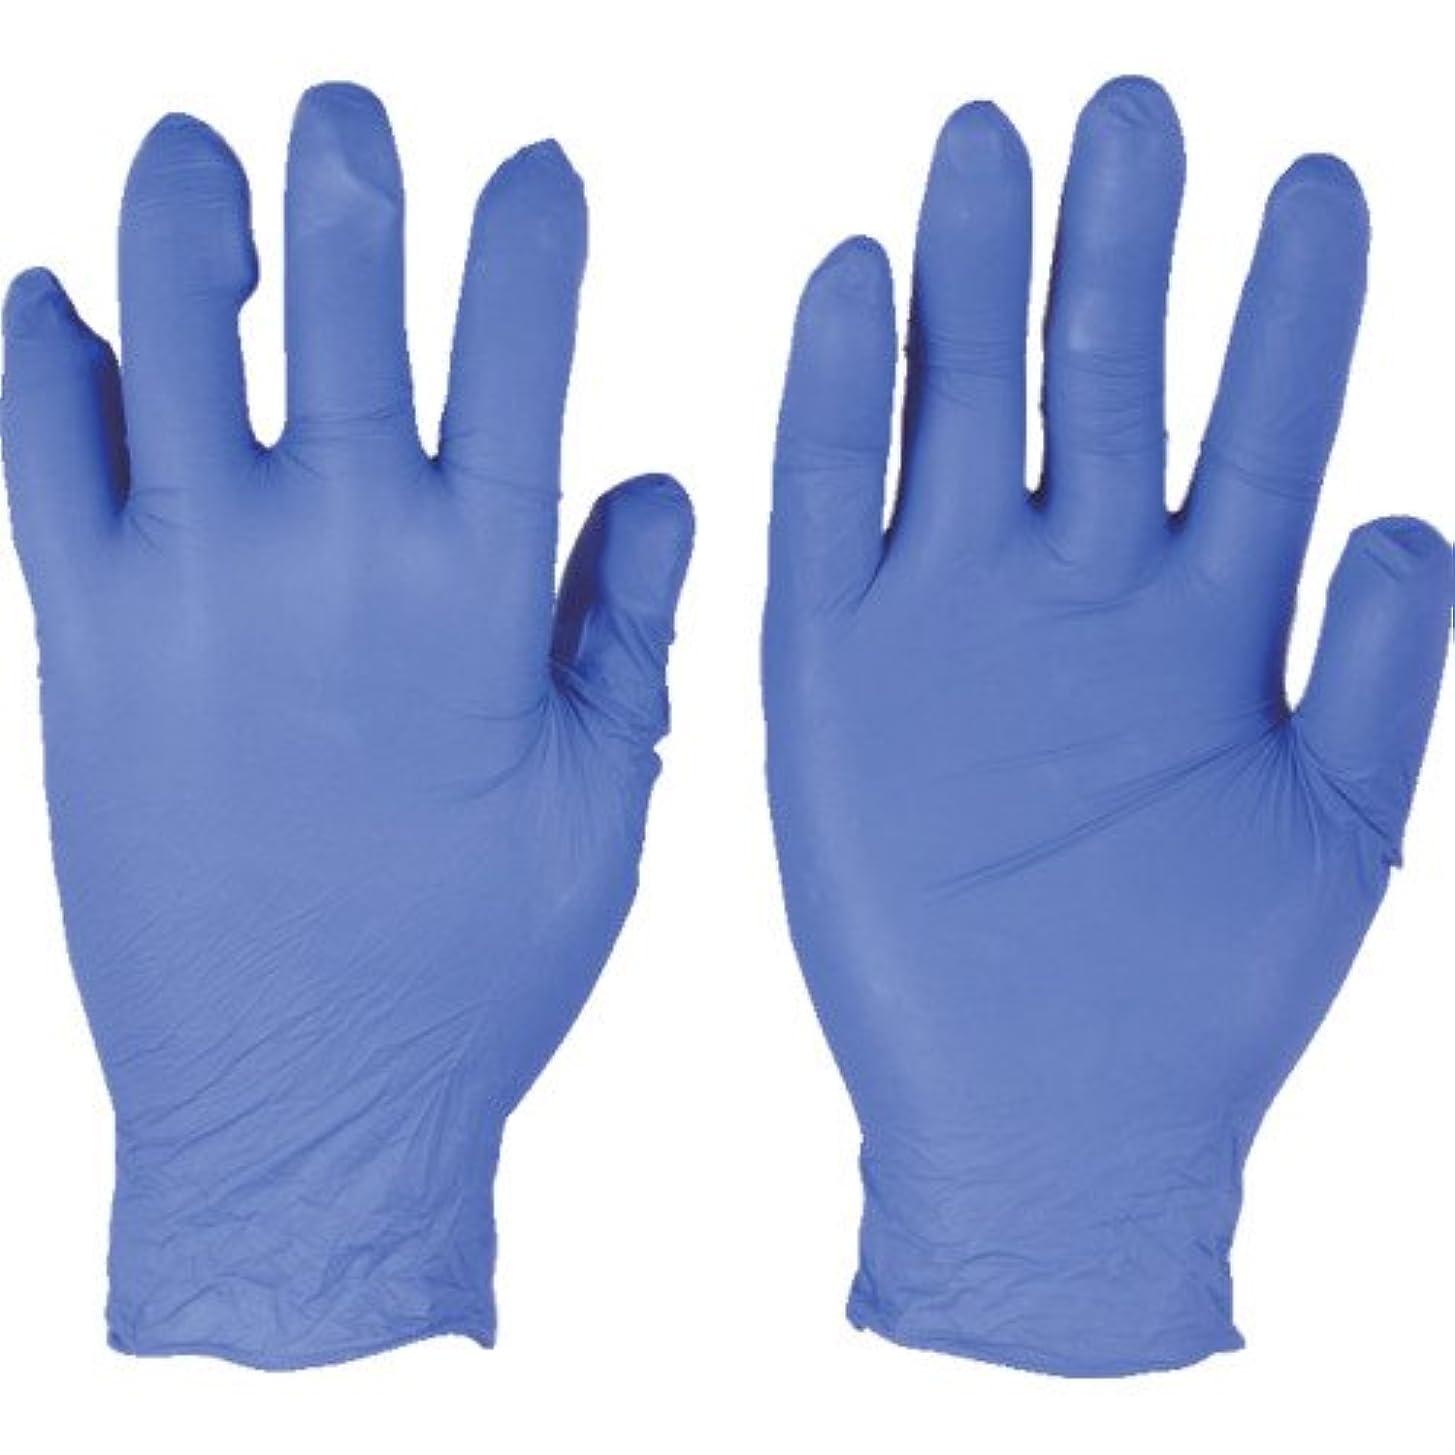 ハーブ時系列シェードトラスコ中山 アンセル ニトリルゴム使い捨て手袋 エッジ 82-133 Sサイズ(300枚入り)  (300枚入) 821337